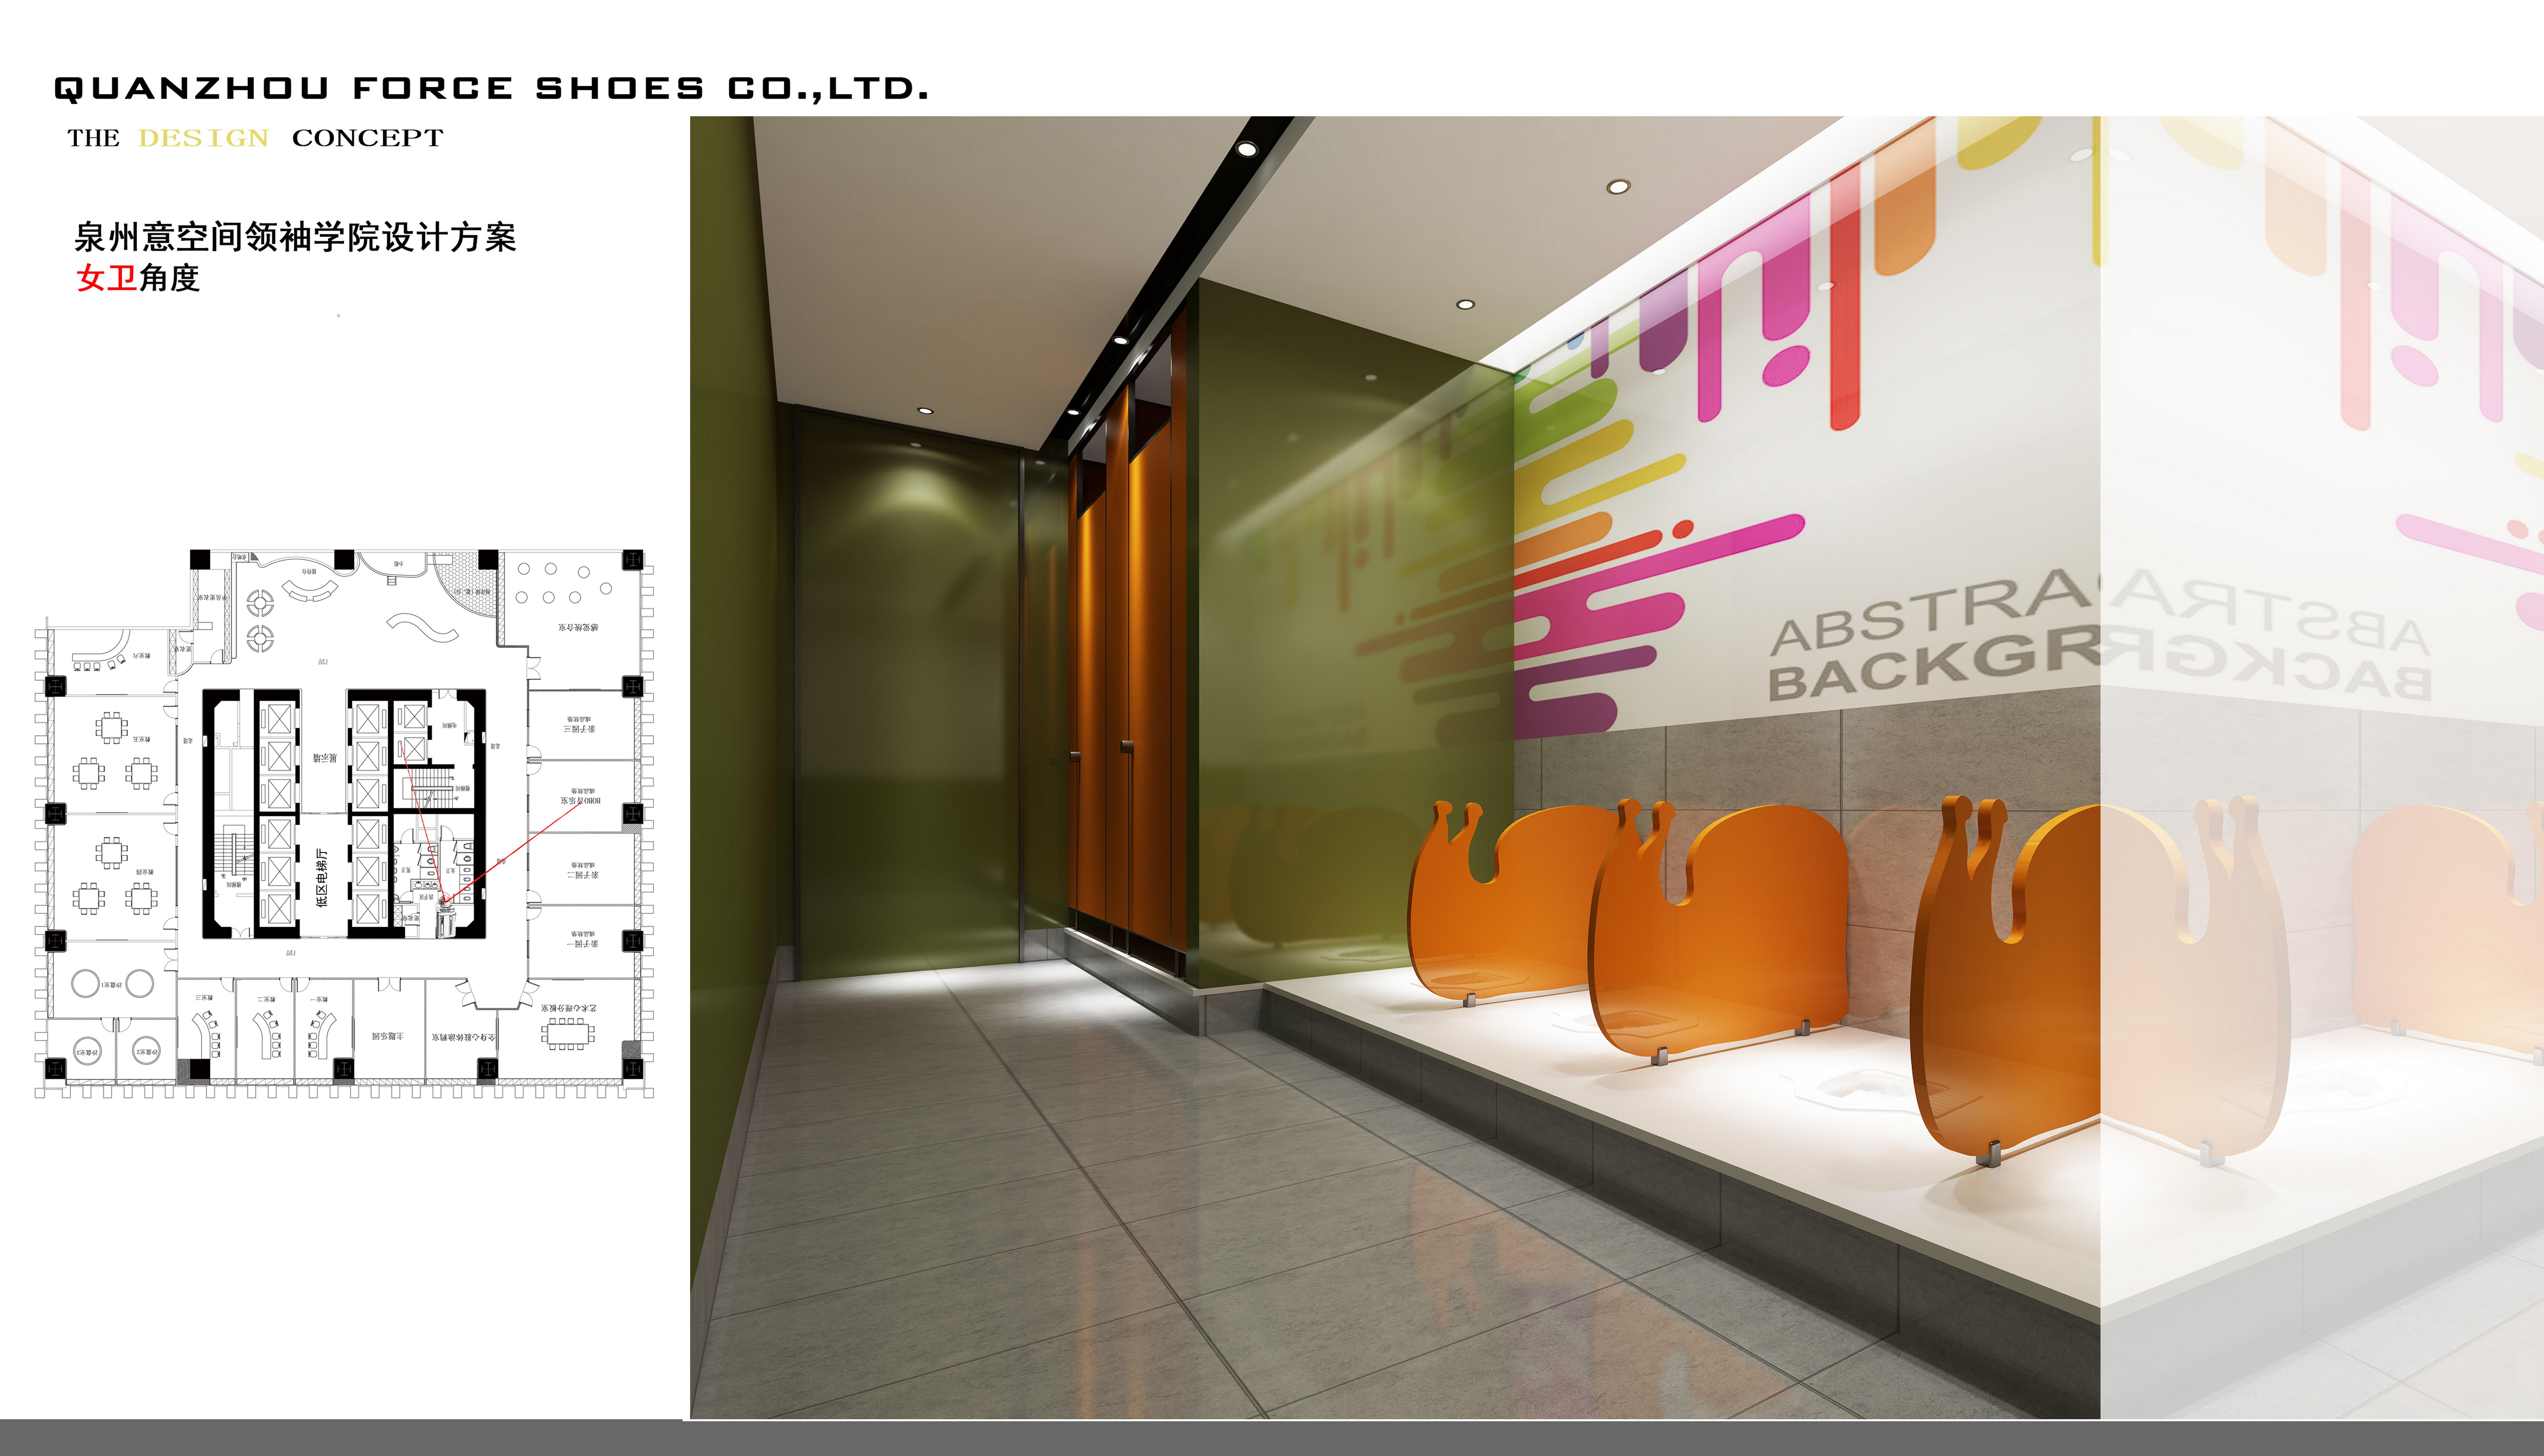 室内设计教育设计幼儿园设计早教设计母婴店设计学校设计效果图